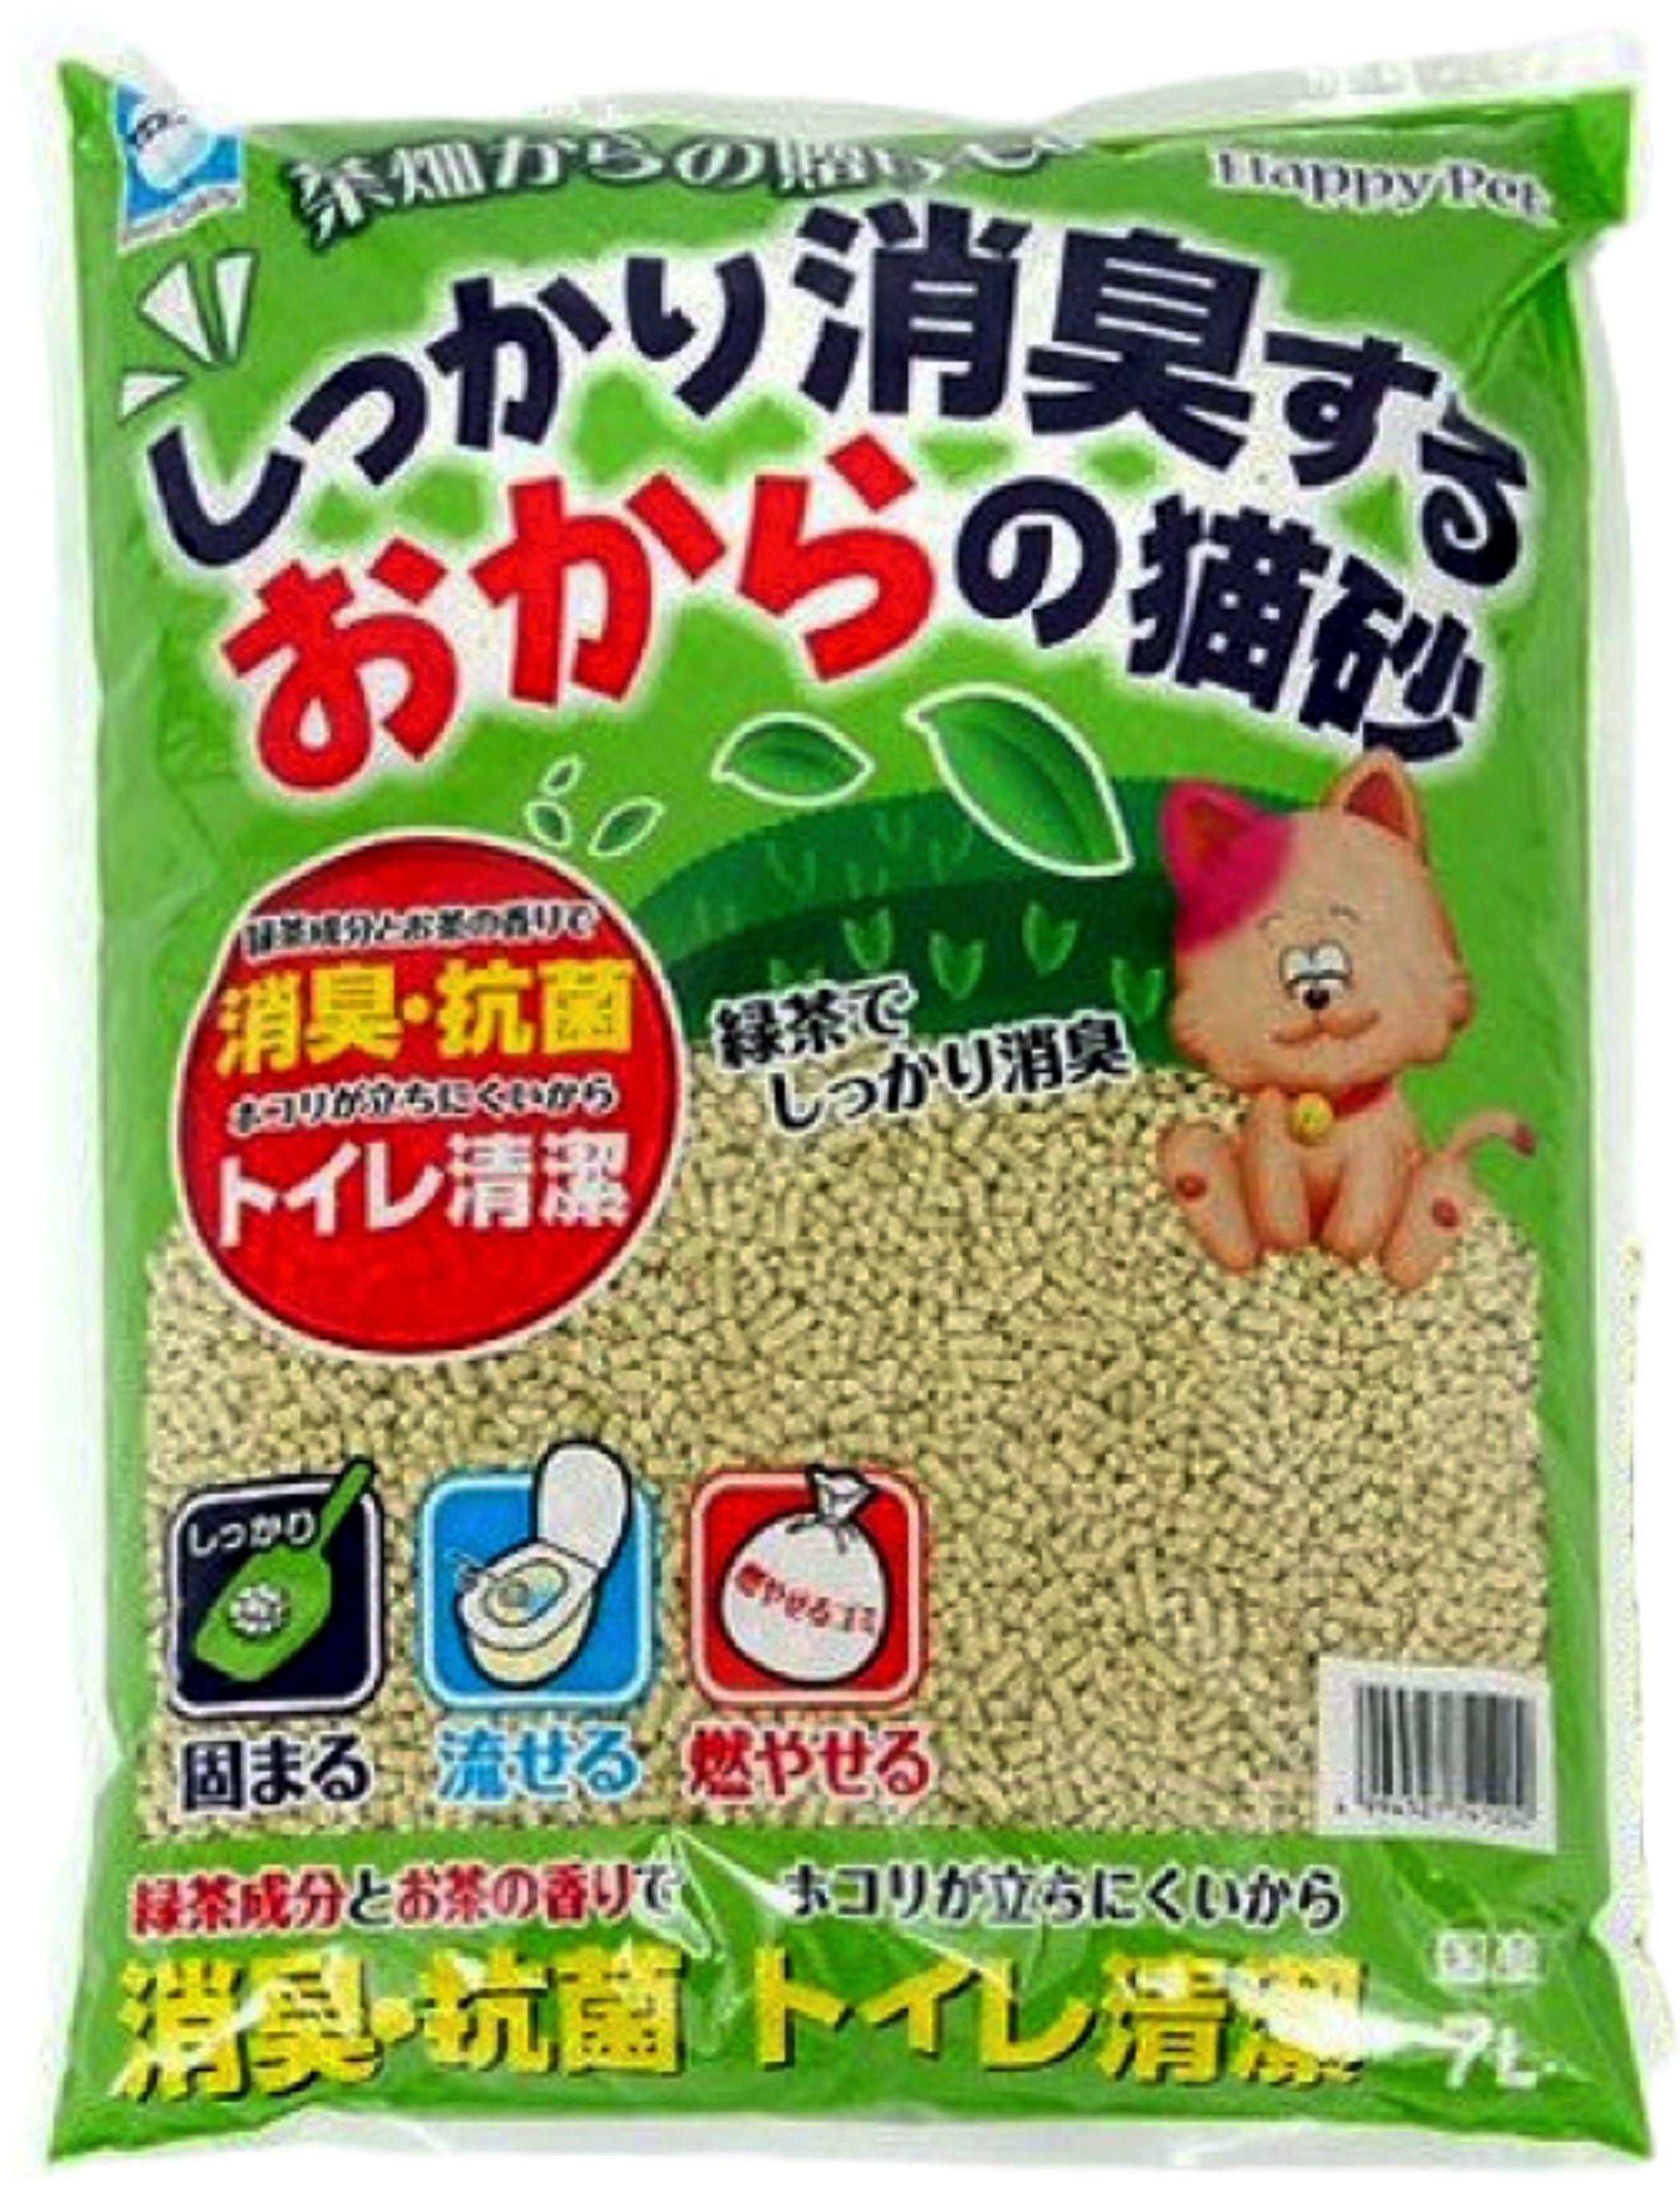 日本製 大塚綠茶豆腐砂 綠茶貓砂 綠茶砂 可沖馬桶 7L